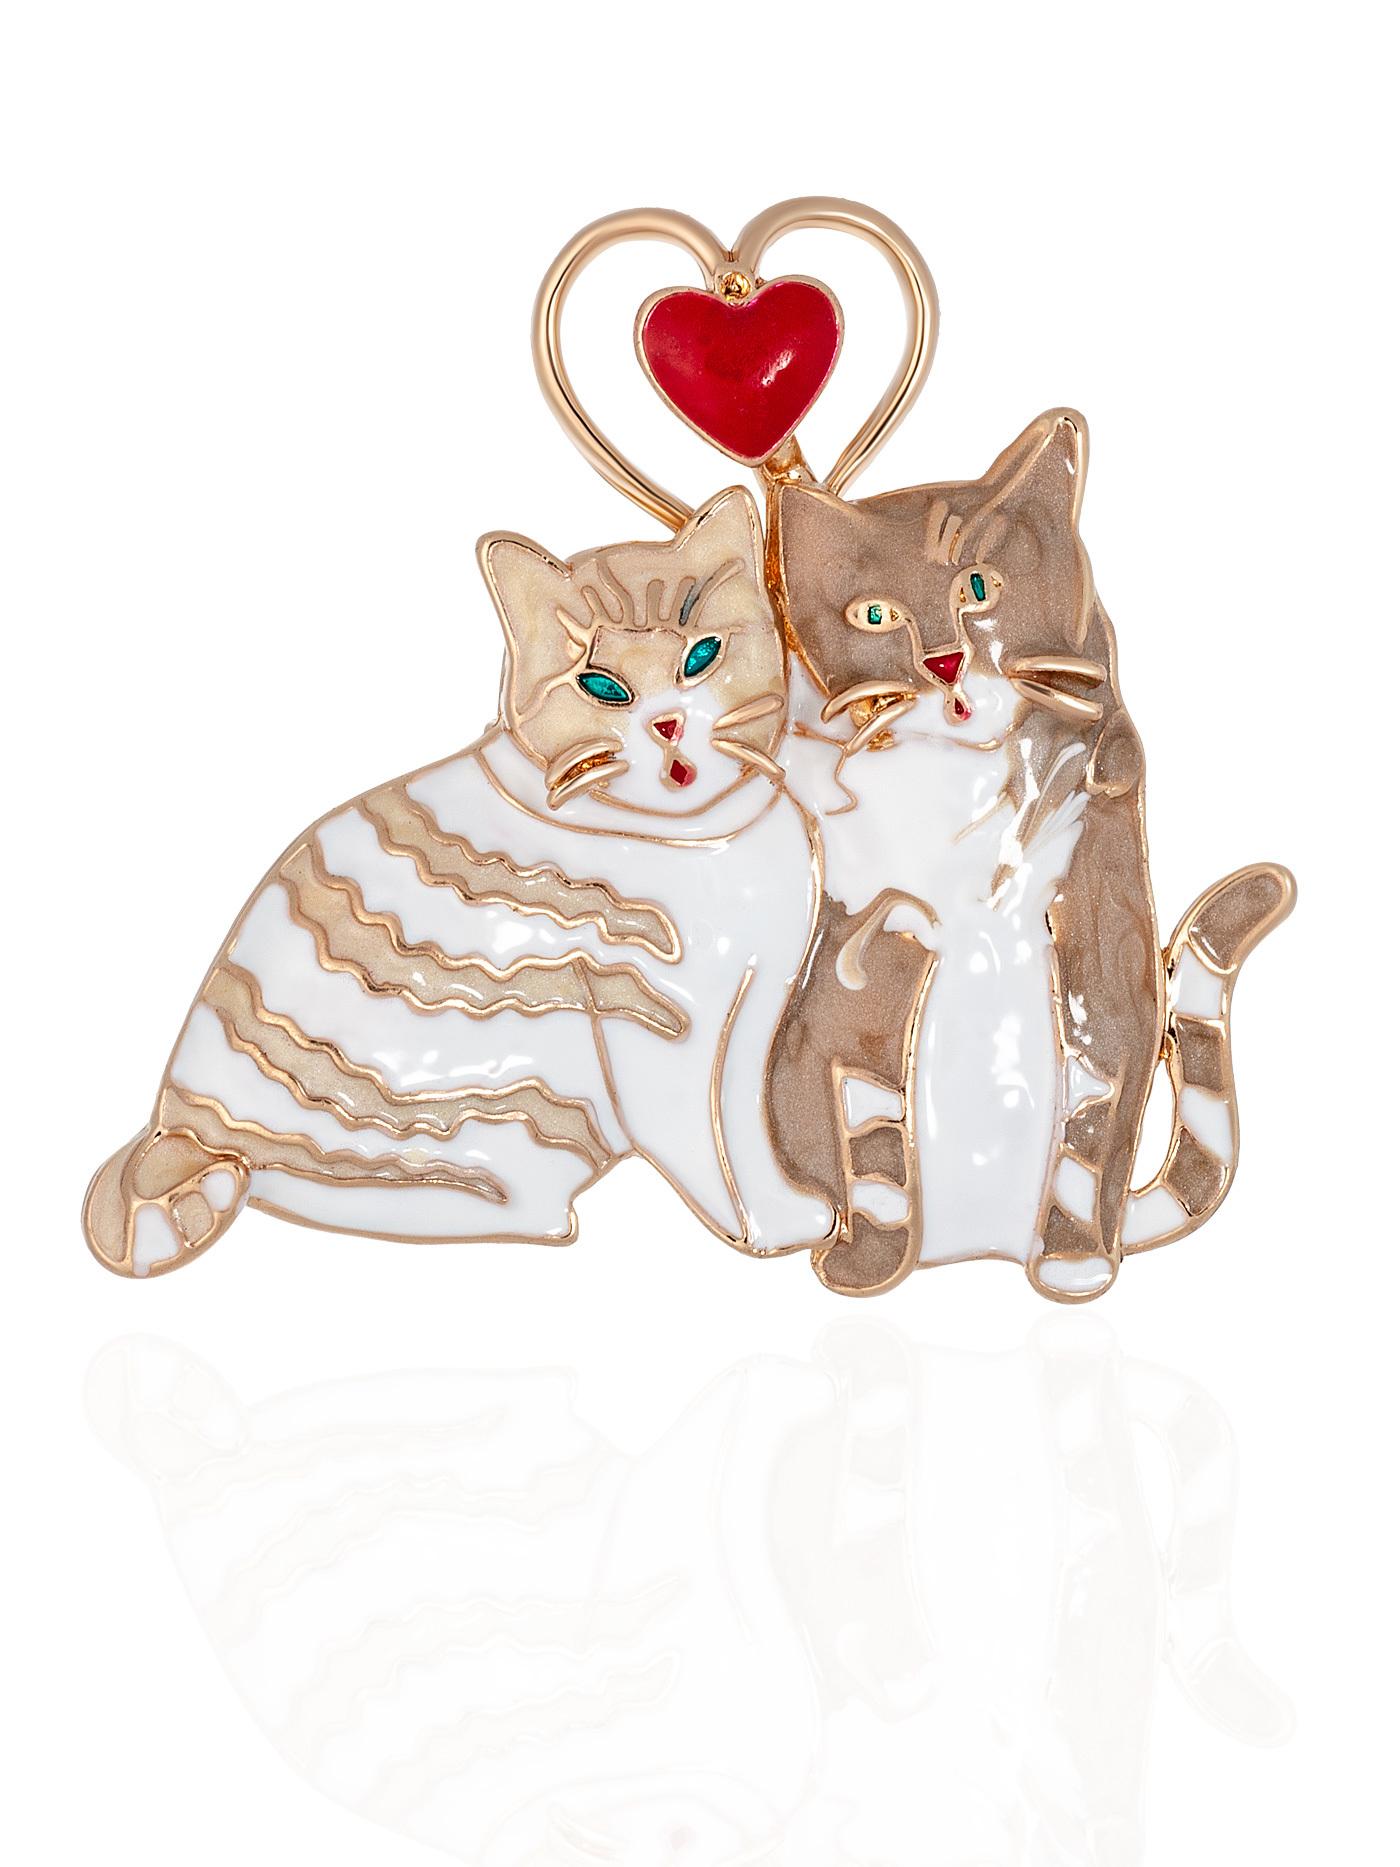 Брошь Коты в подарочной коробке, подарок девушке